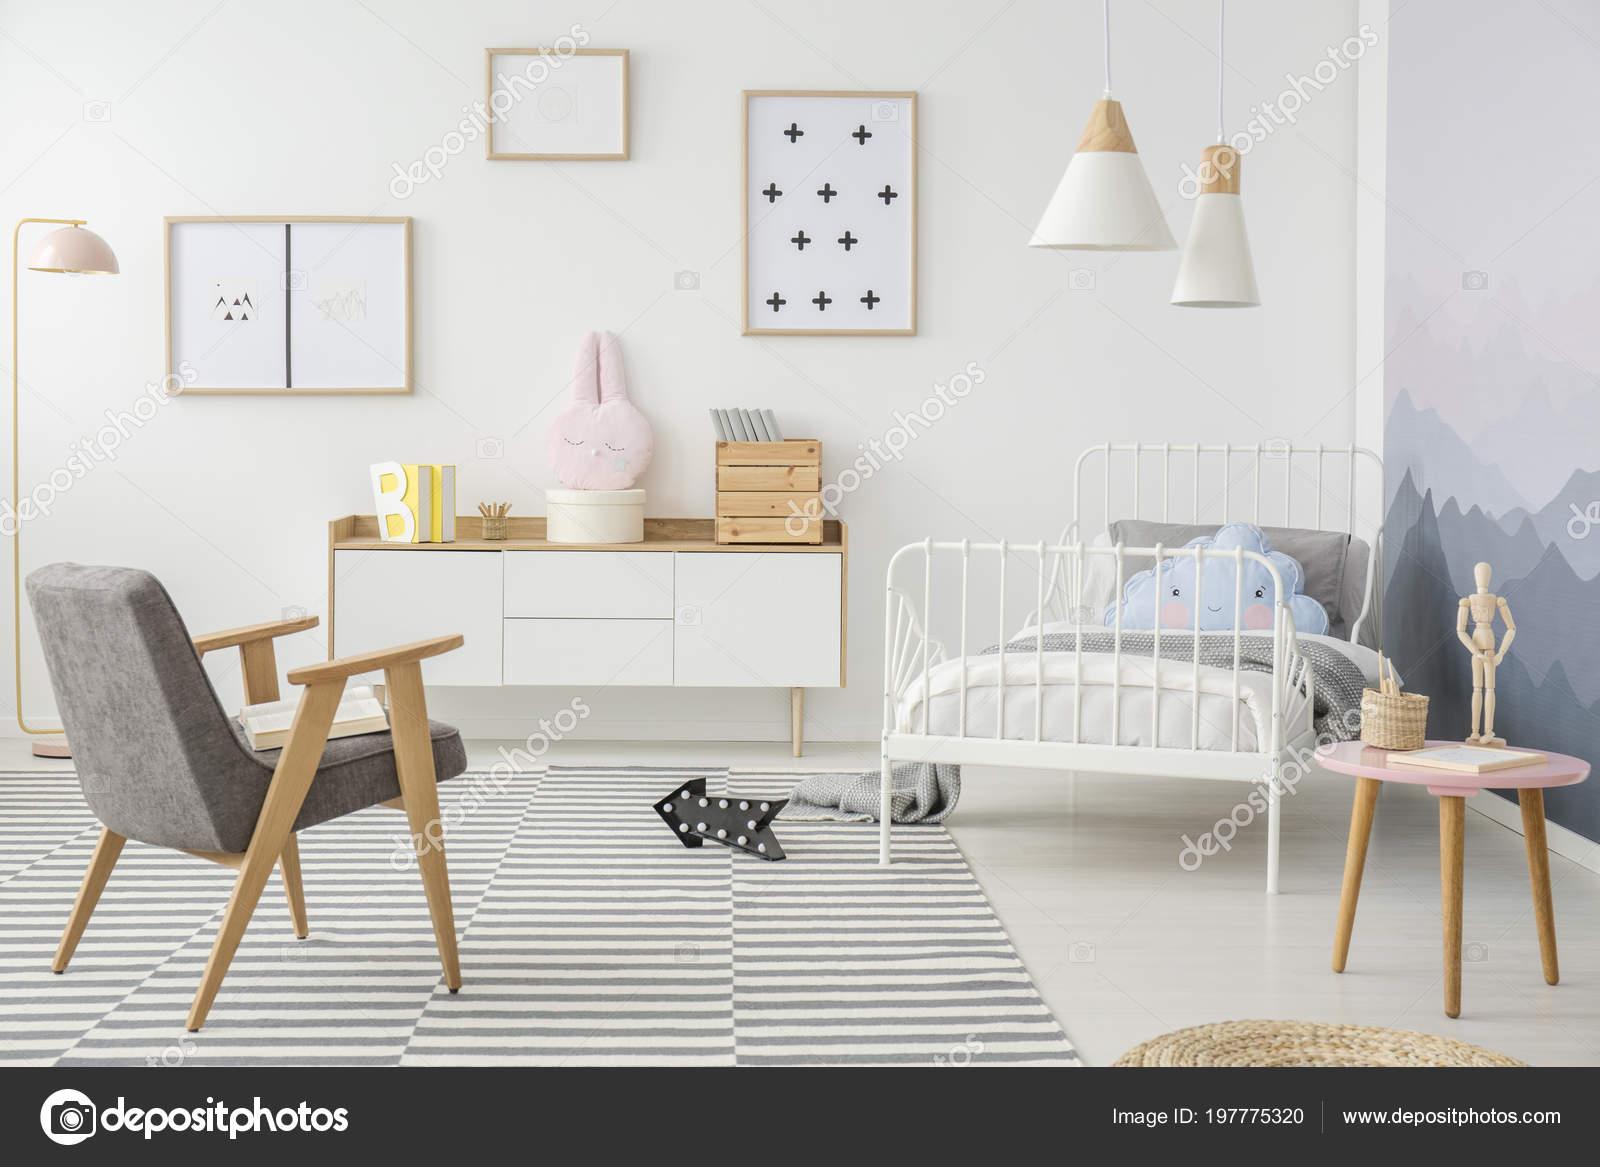 Roze Grijze Slaapkamer : Roze tabel grijs houten fauteuil girl slaapkamer interieur met